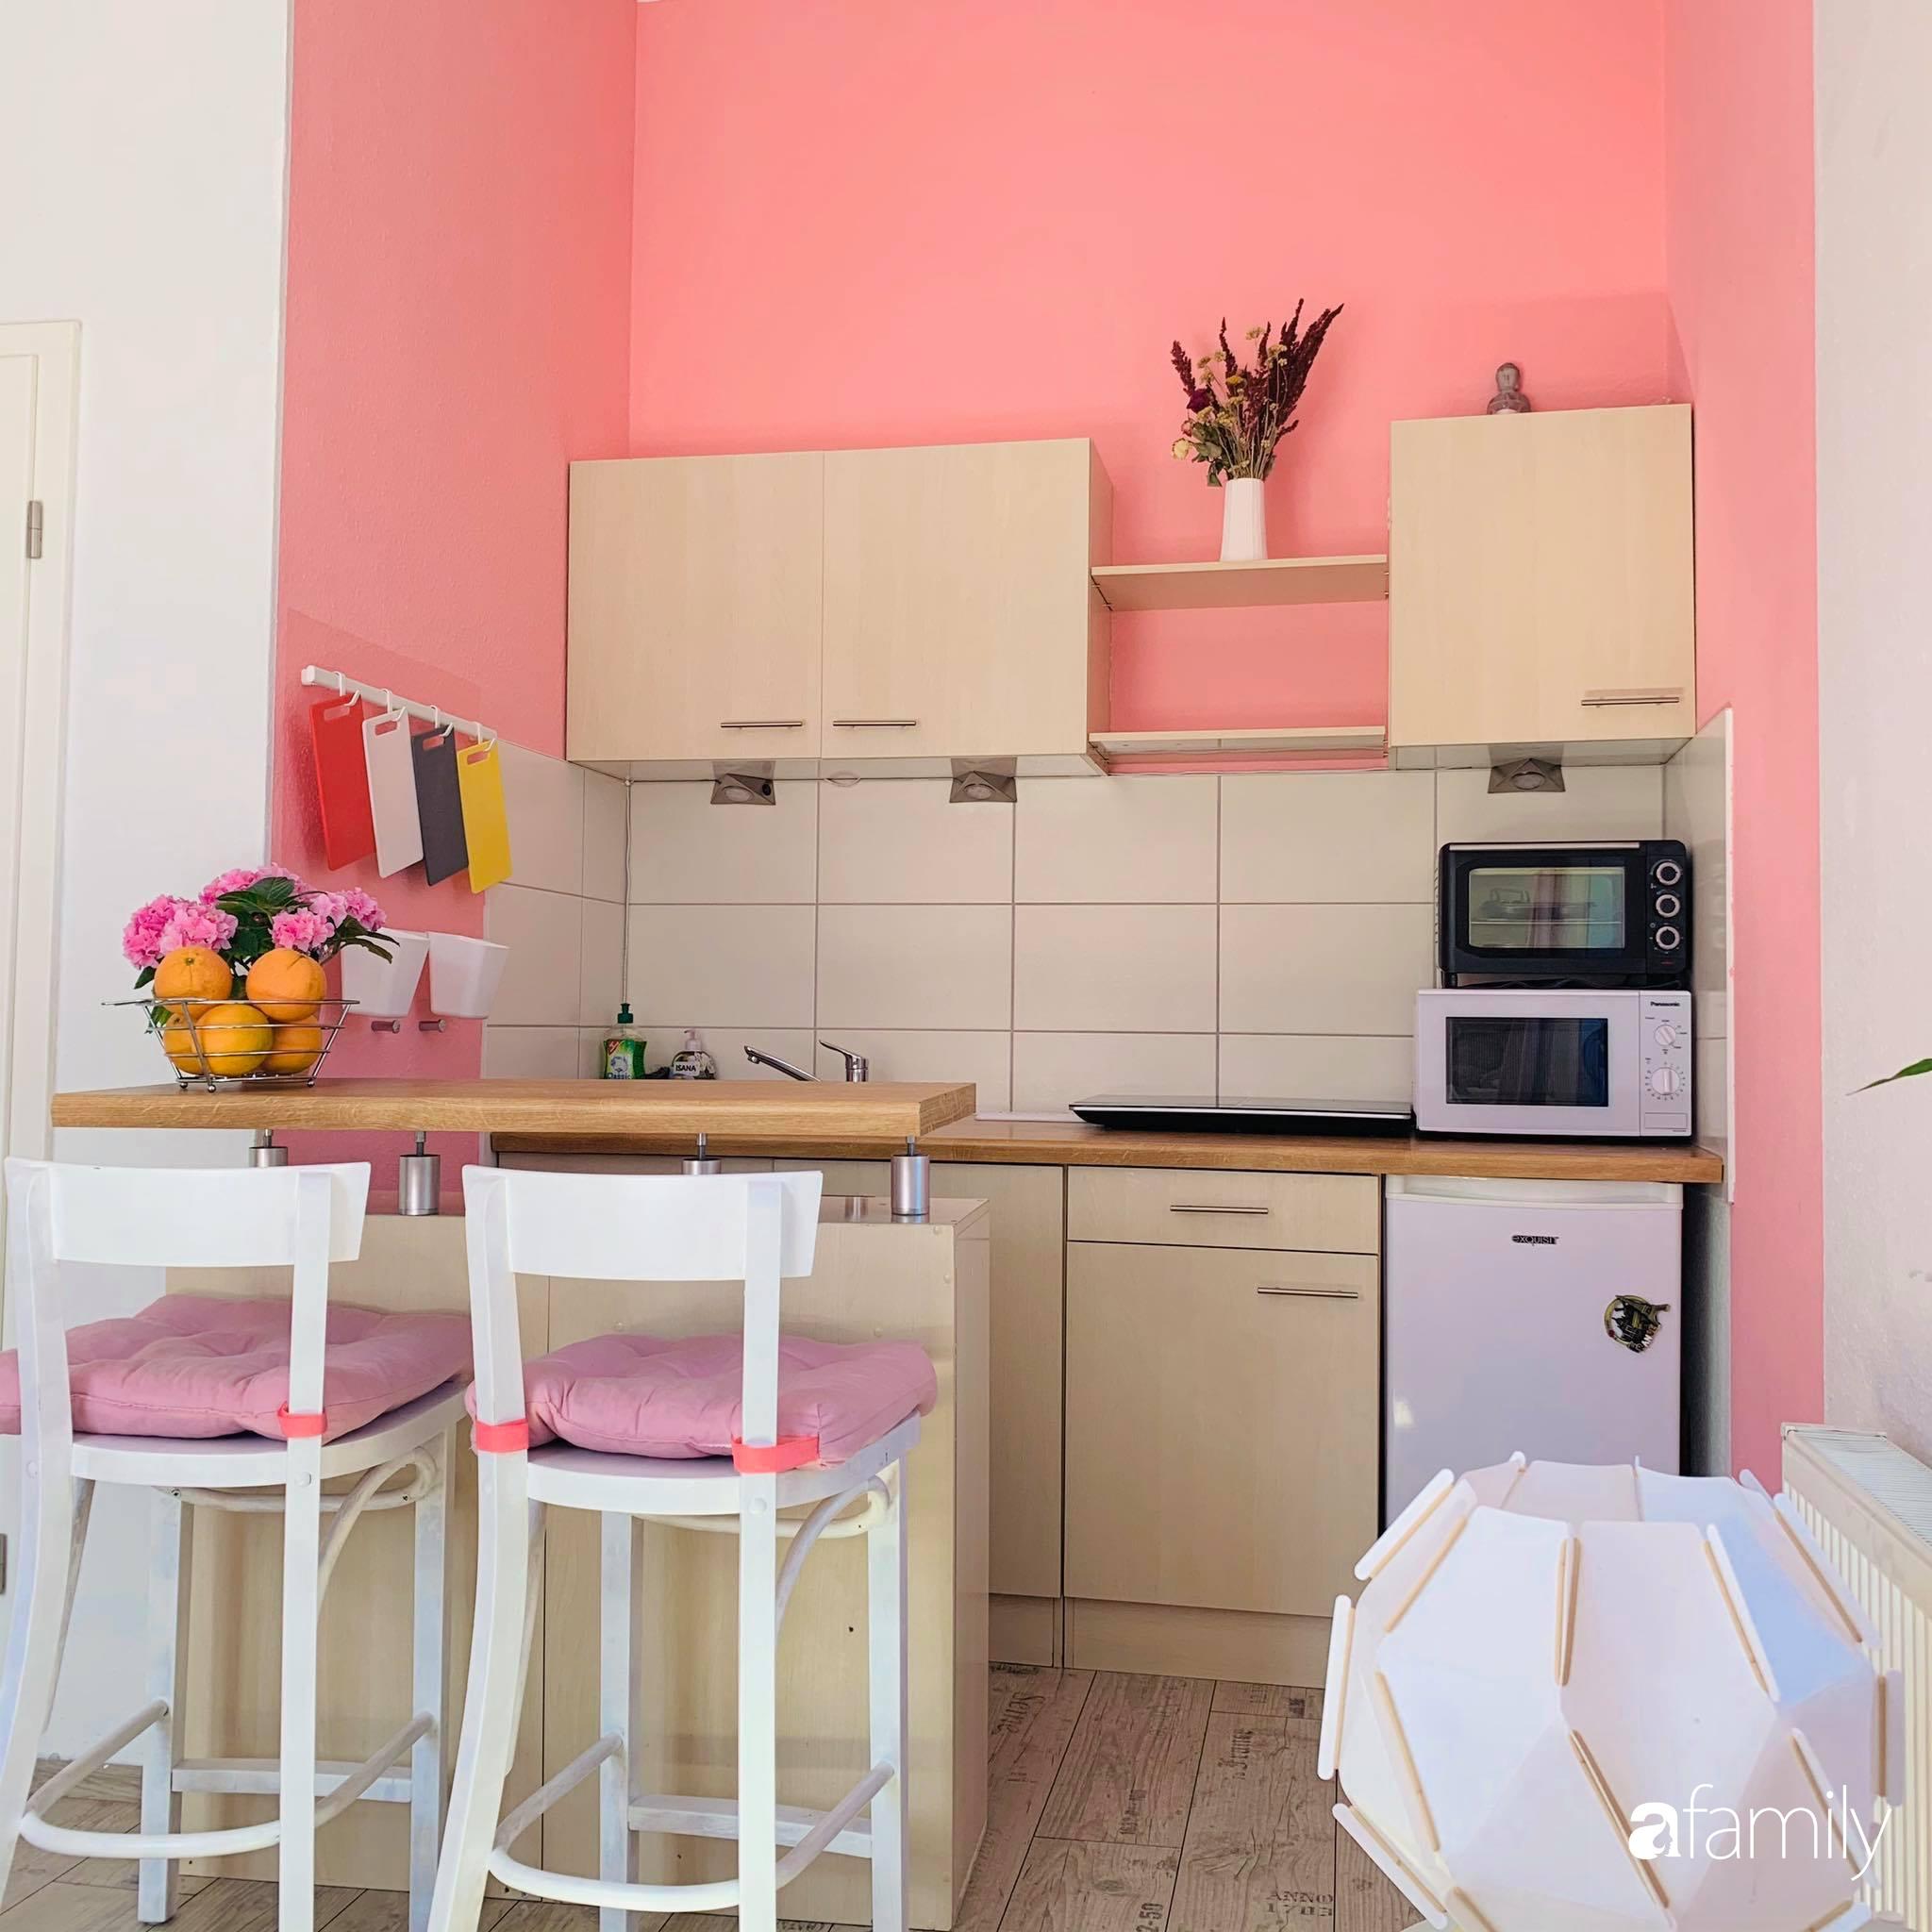 Giữa tâm dịch của nước Đức, cô gái Việt tạo niềm vui bằng cách cải tạo căn phòng thành không gian màu hồng mộng mơ - Ảnh 3.